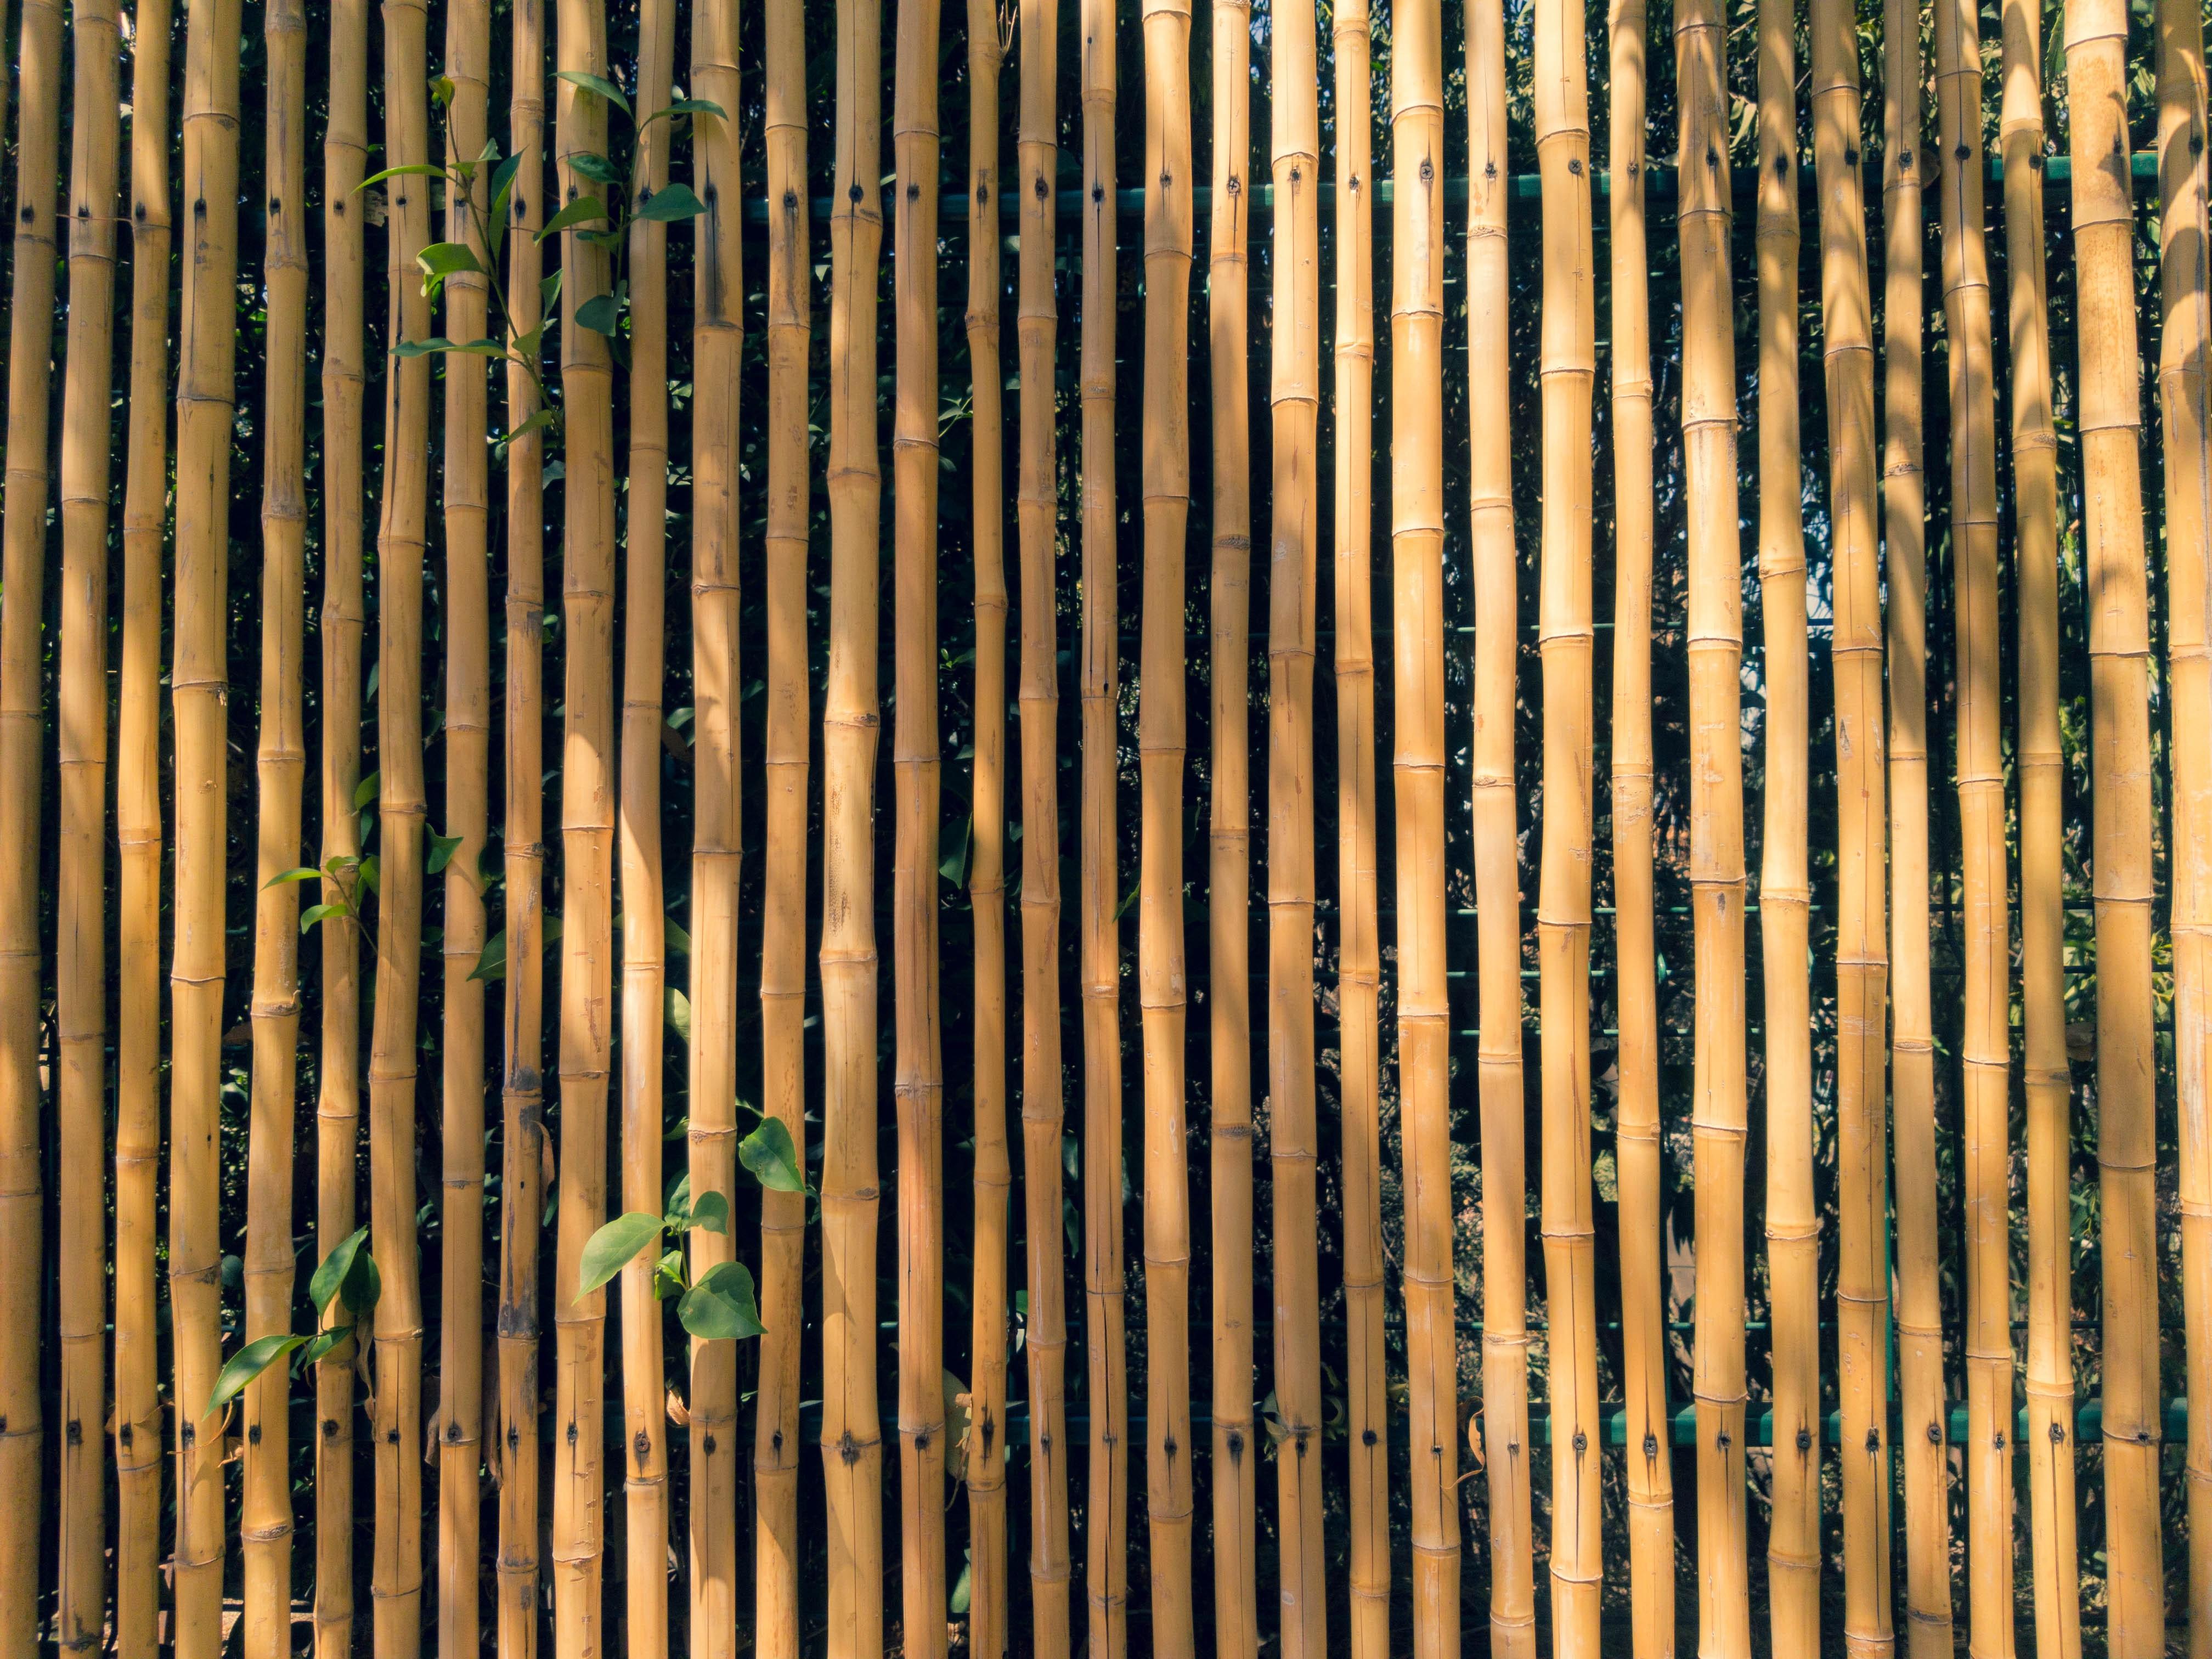 Cómo instalar cañizo de bambú en tu jardín